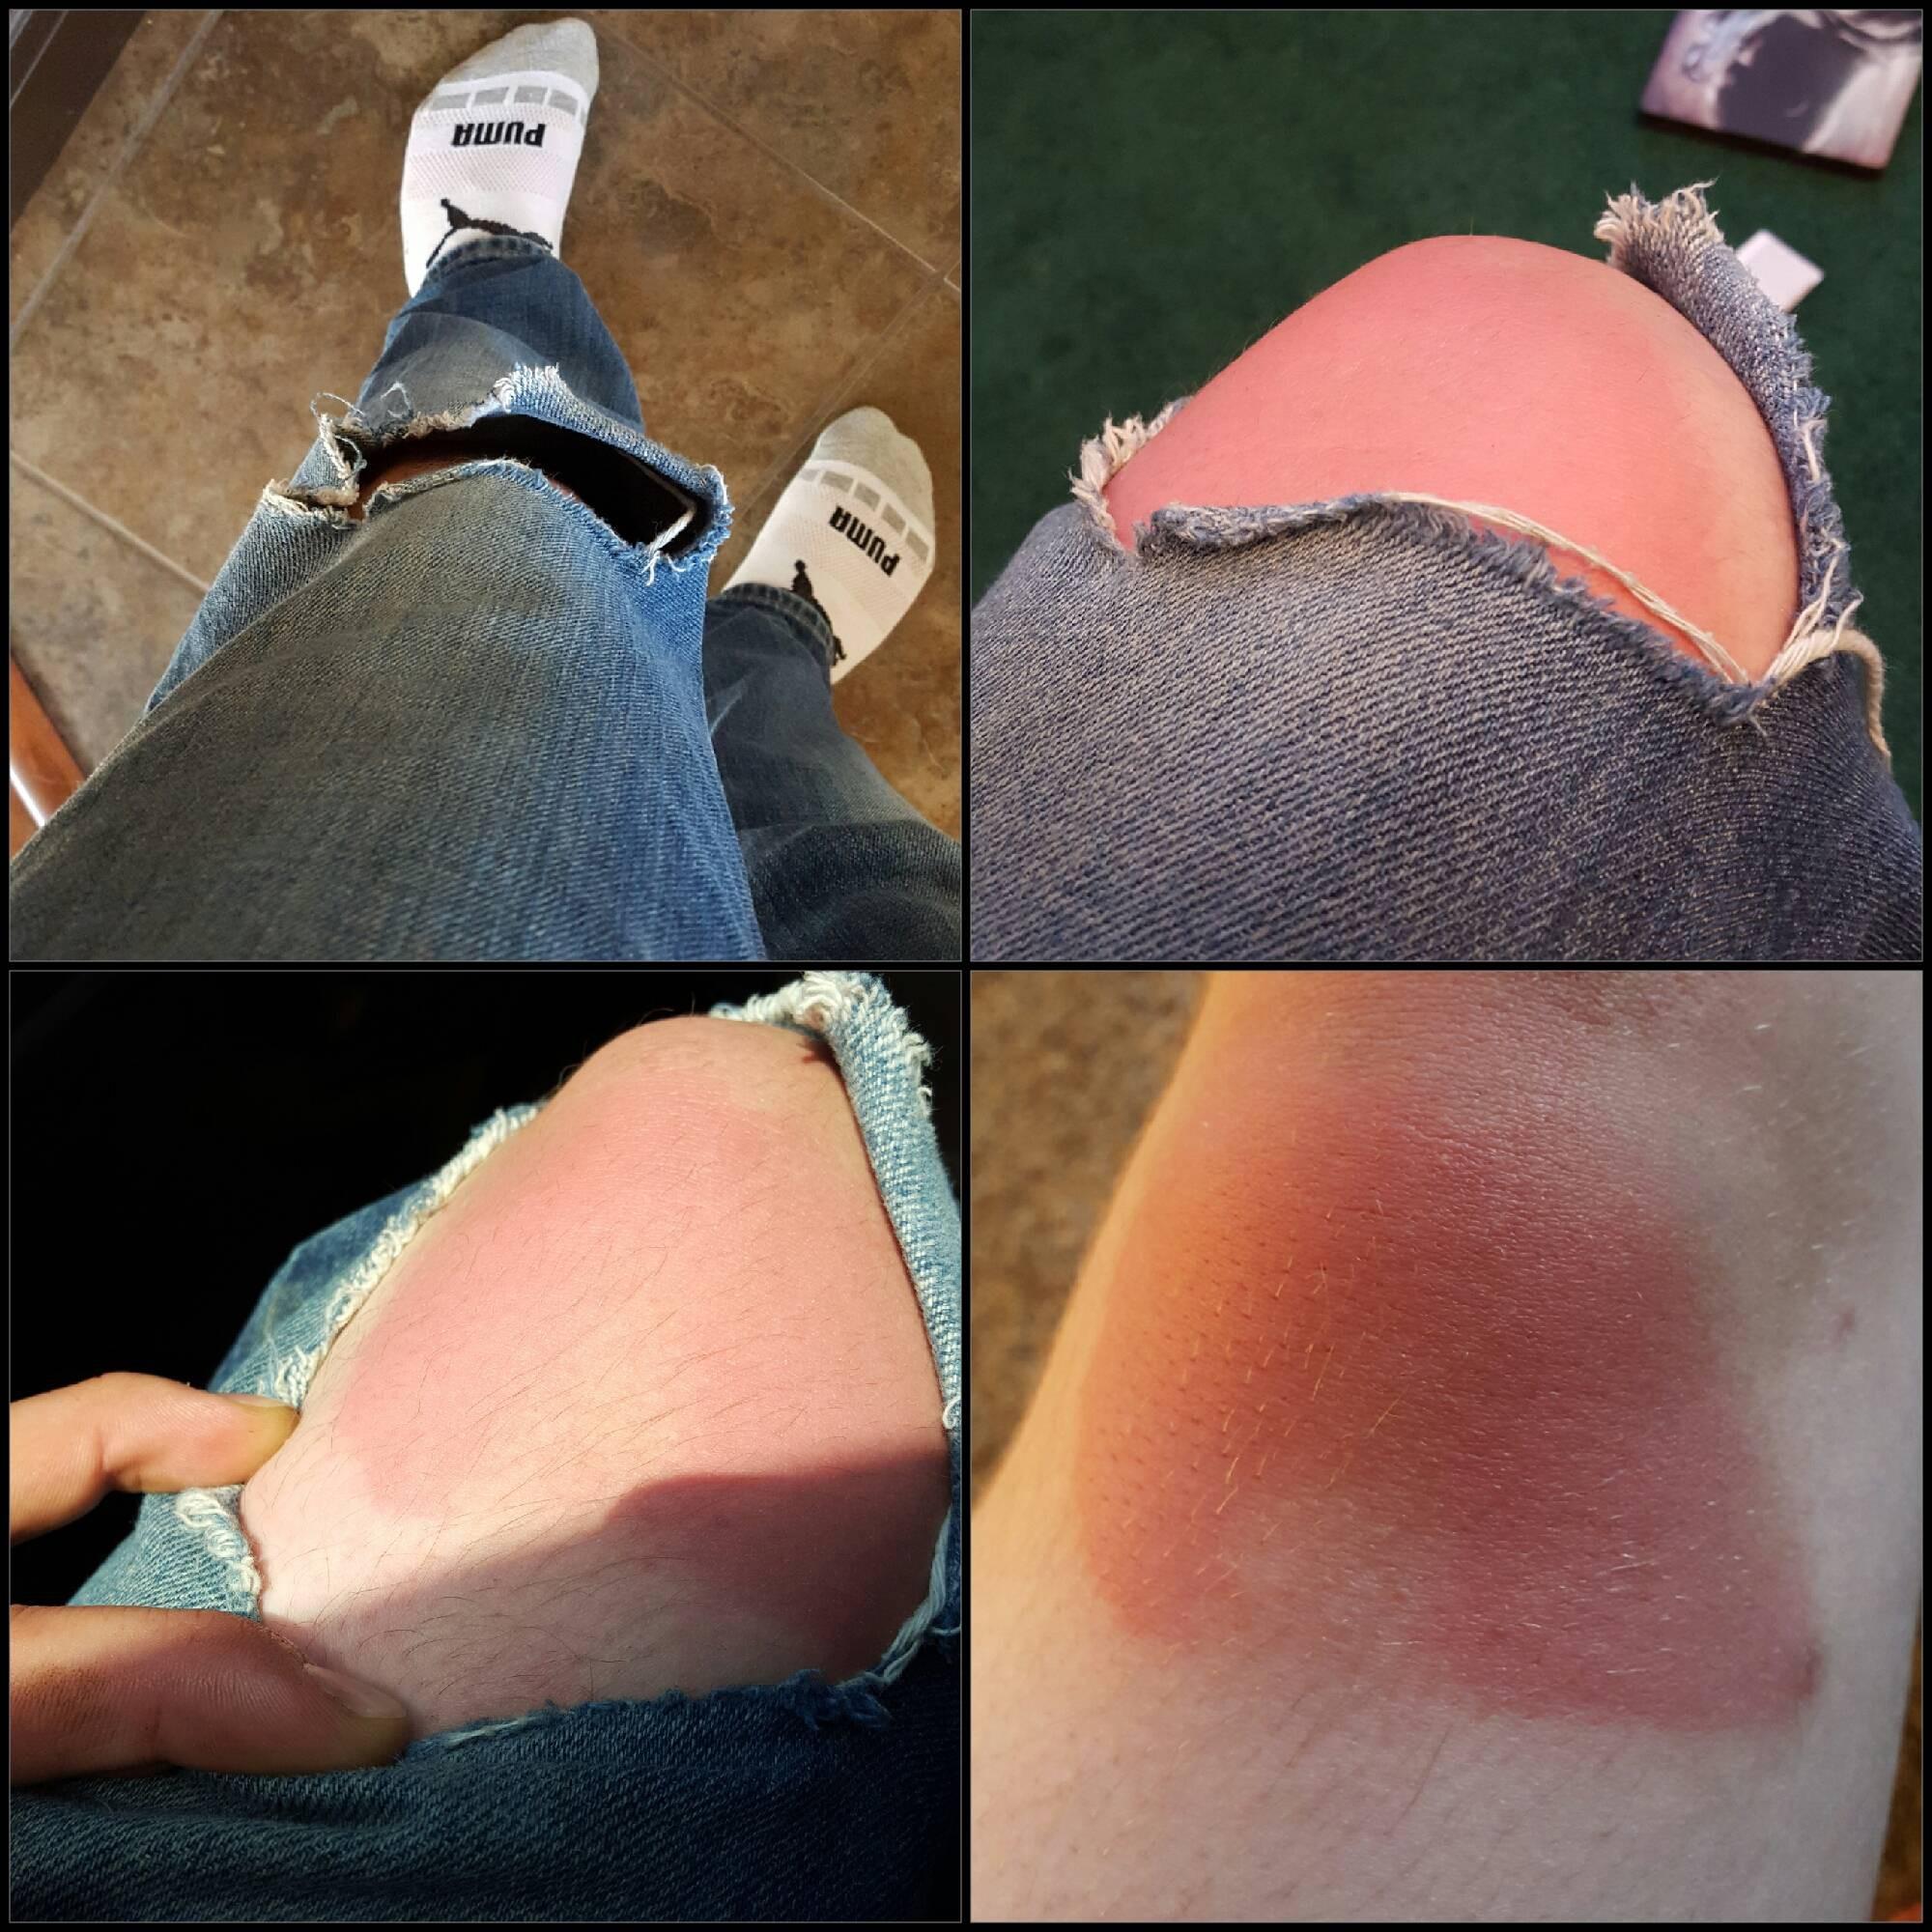 Khi bạn mê jeans rách đến bất chấp cả trời nắng to, rất có thể bạn sẽ khiến mình trông như thế này - Ảnh 5.